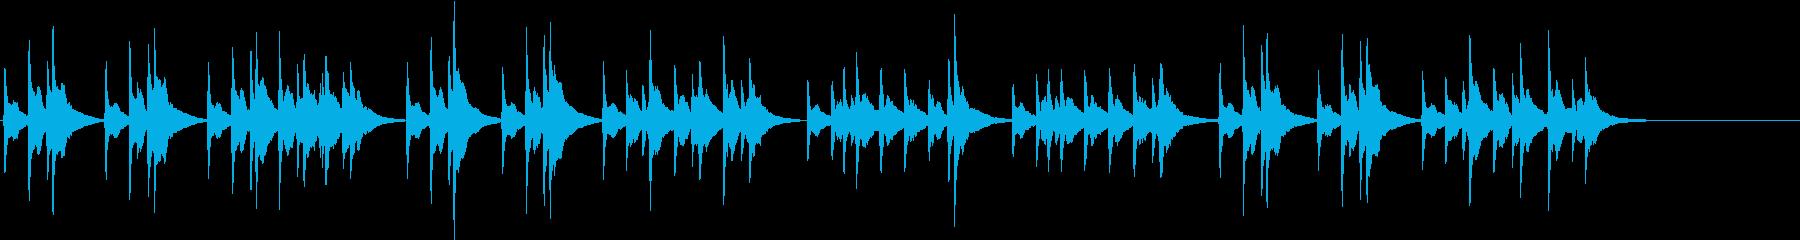 結婚行進曲 婚礼の合唱 オルゴールの再生済みの波形